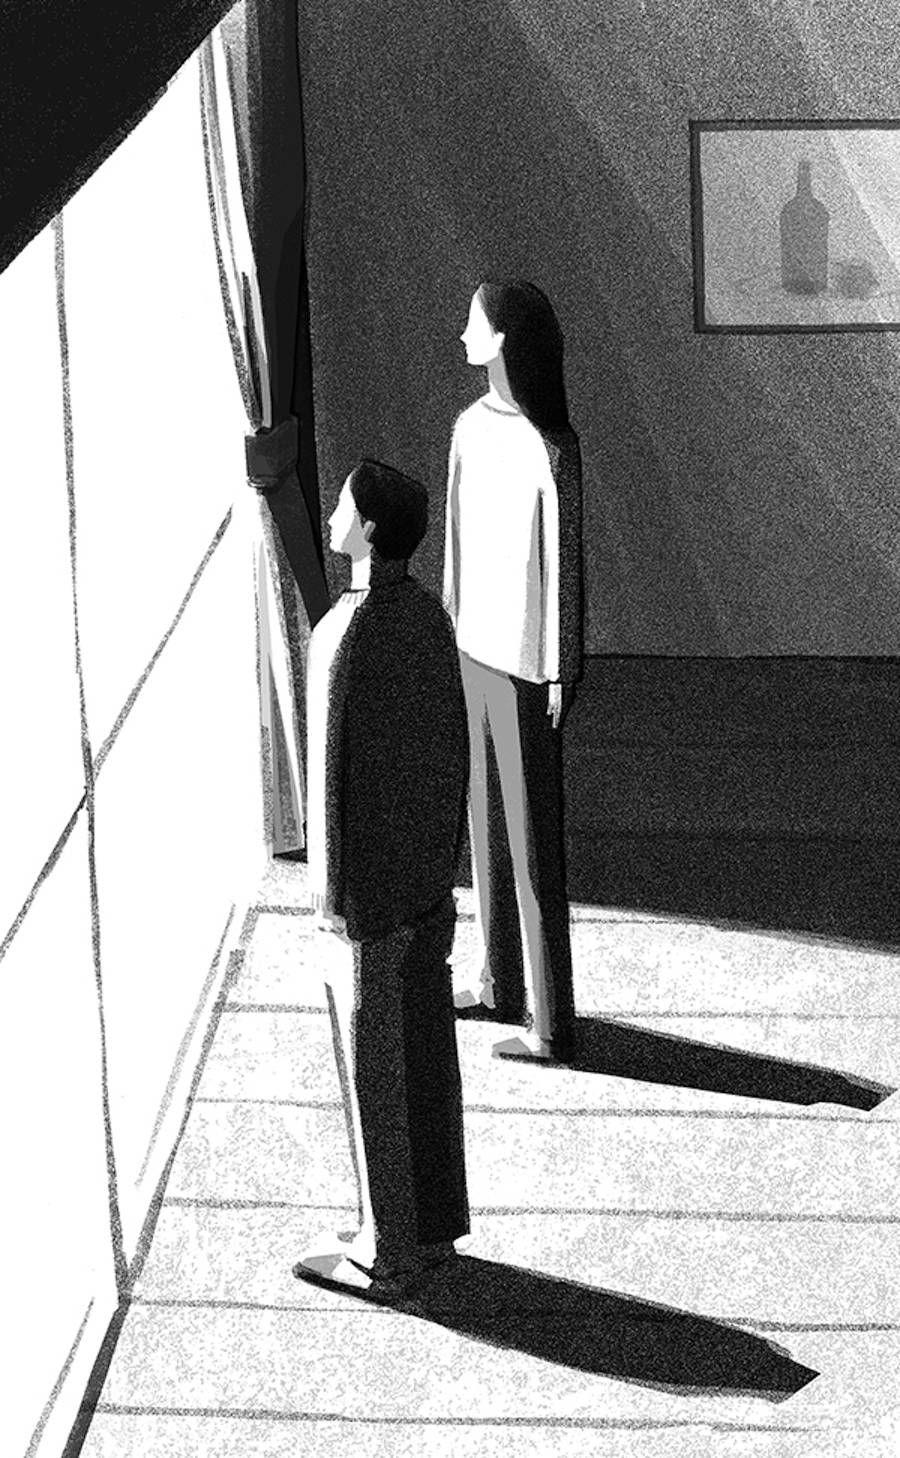 Daily Life Monochrome Illustrations by Mihoko Takata – Fubiz Media